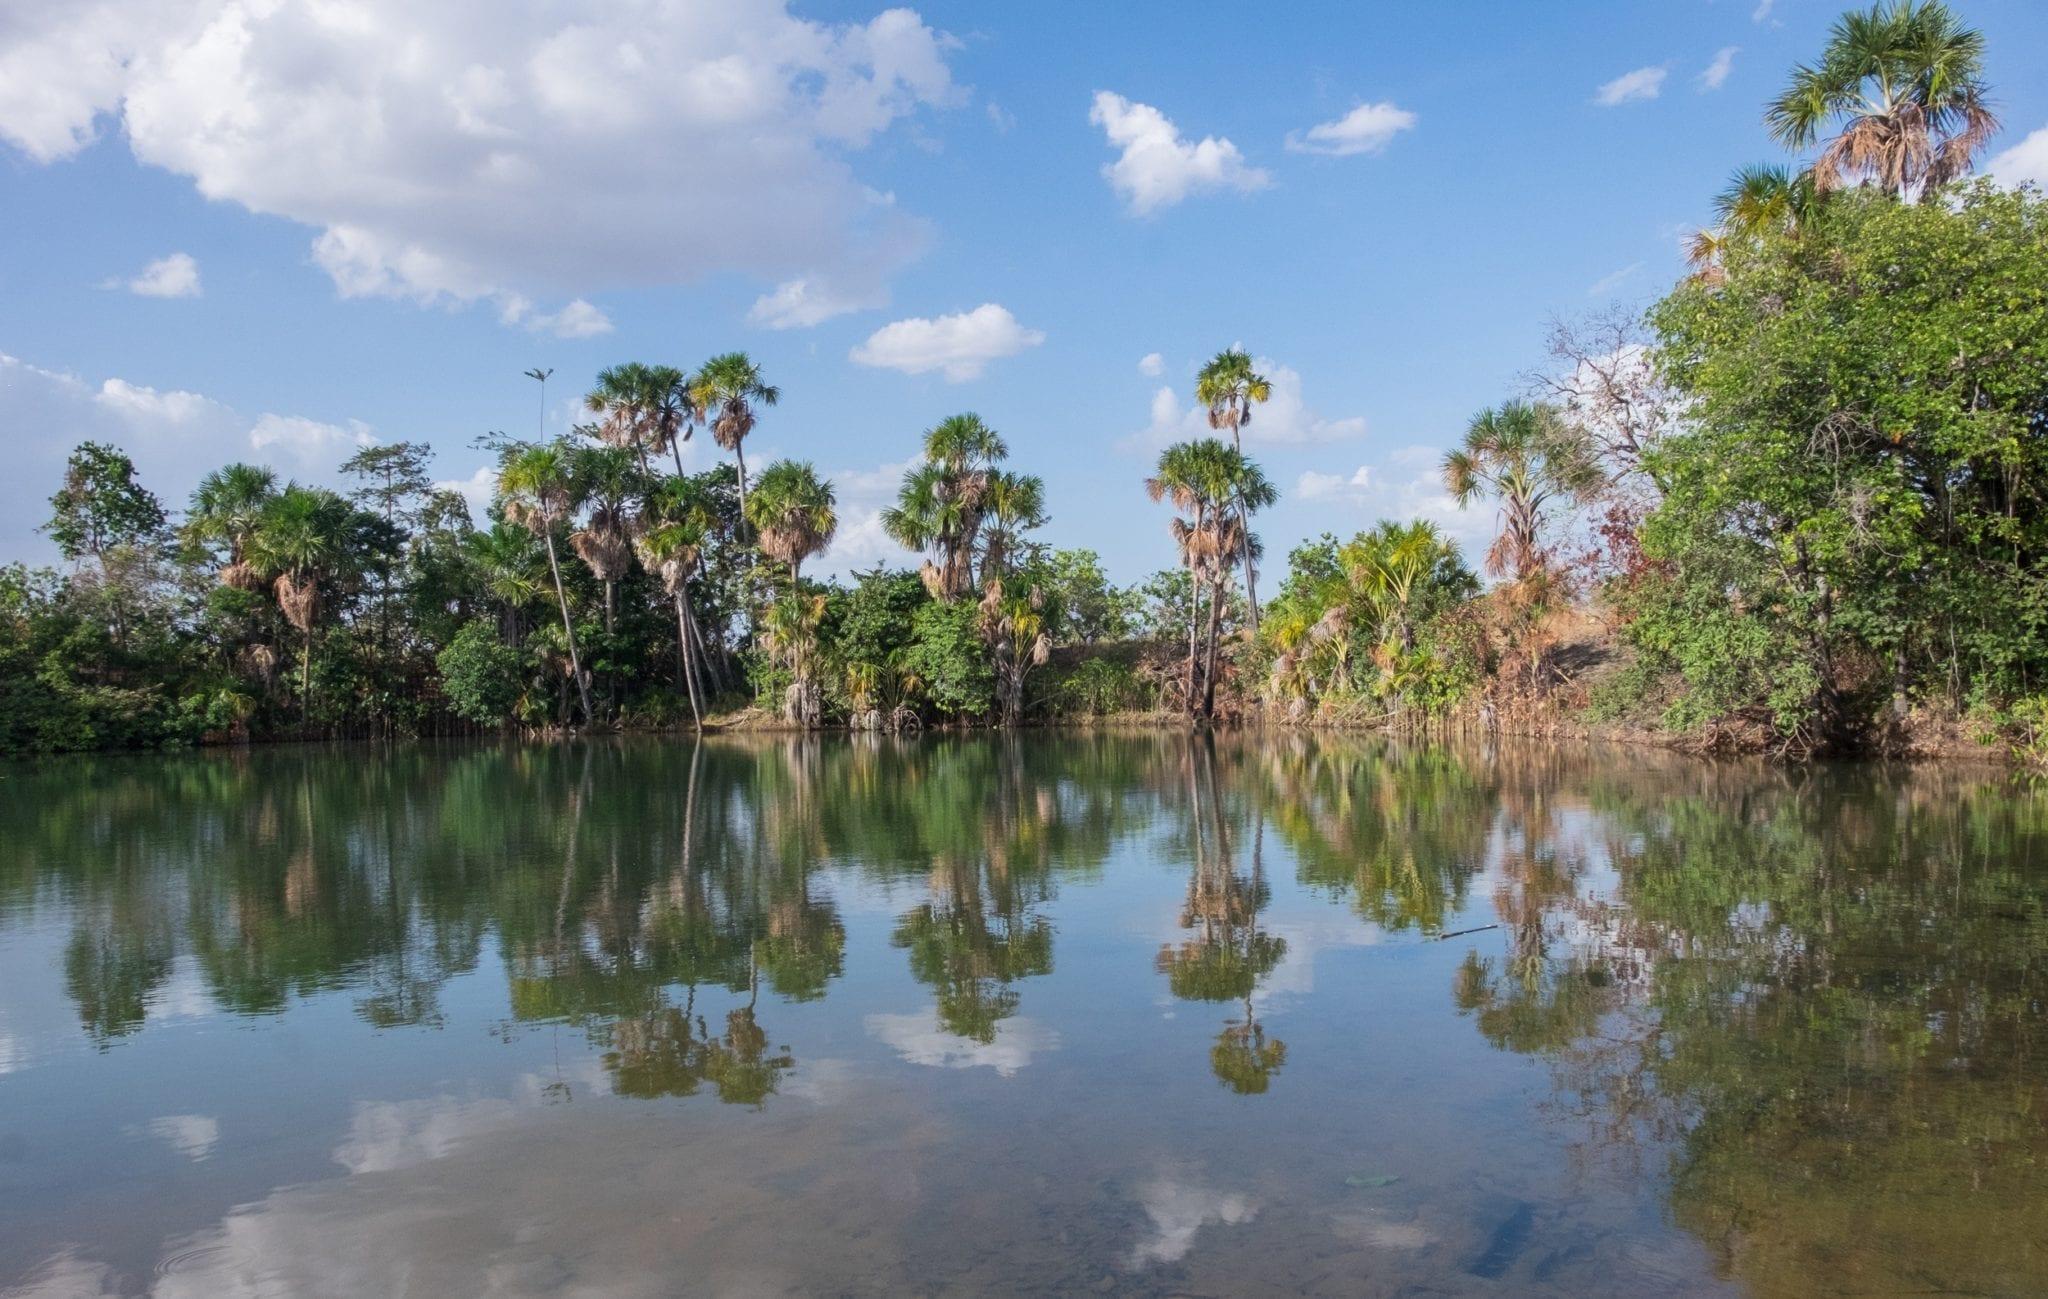 DSCF7599 ▷ ¿Qué es realmente como viajar a Guyana?